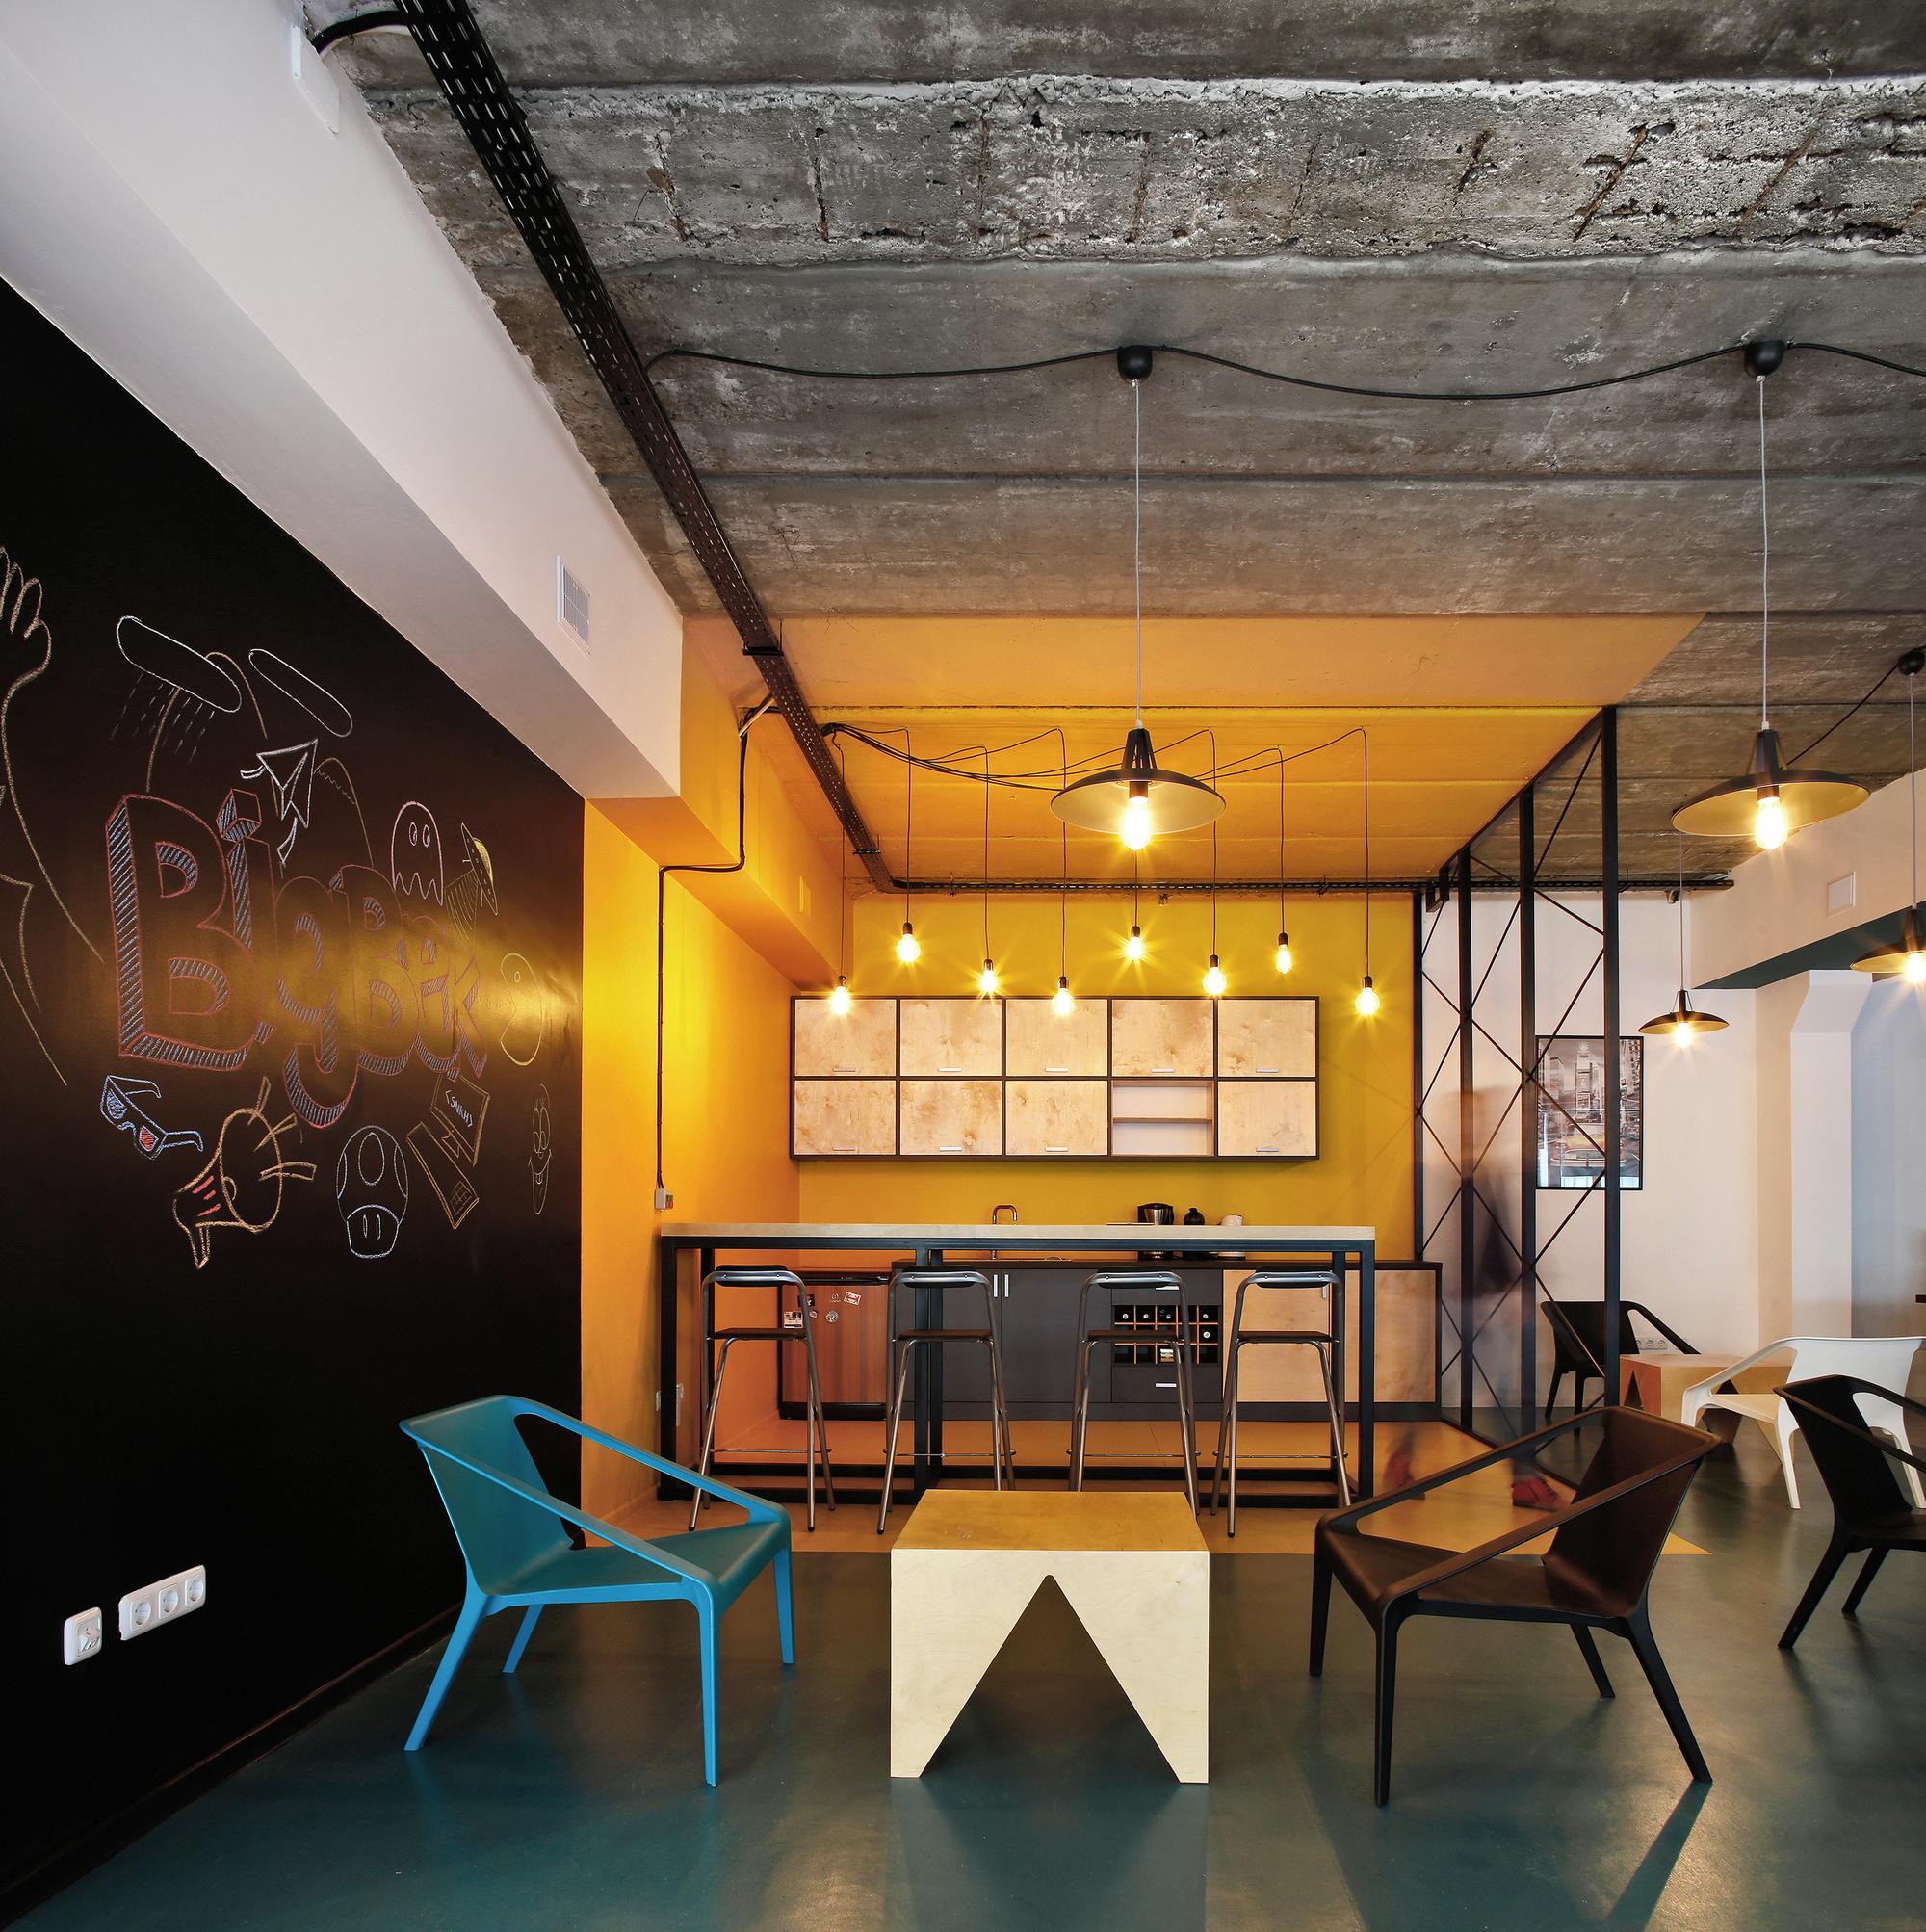 Galeria de escrit rio bigbek snkh architectural studio 9 for Modern office design and architecture inc